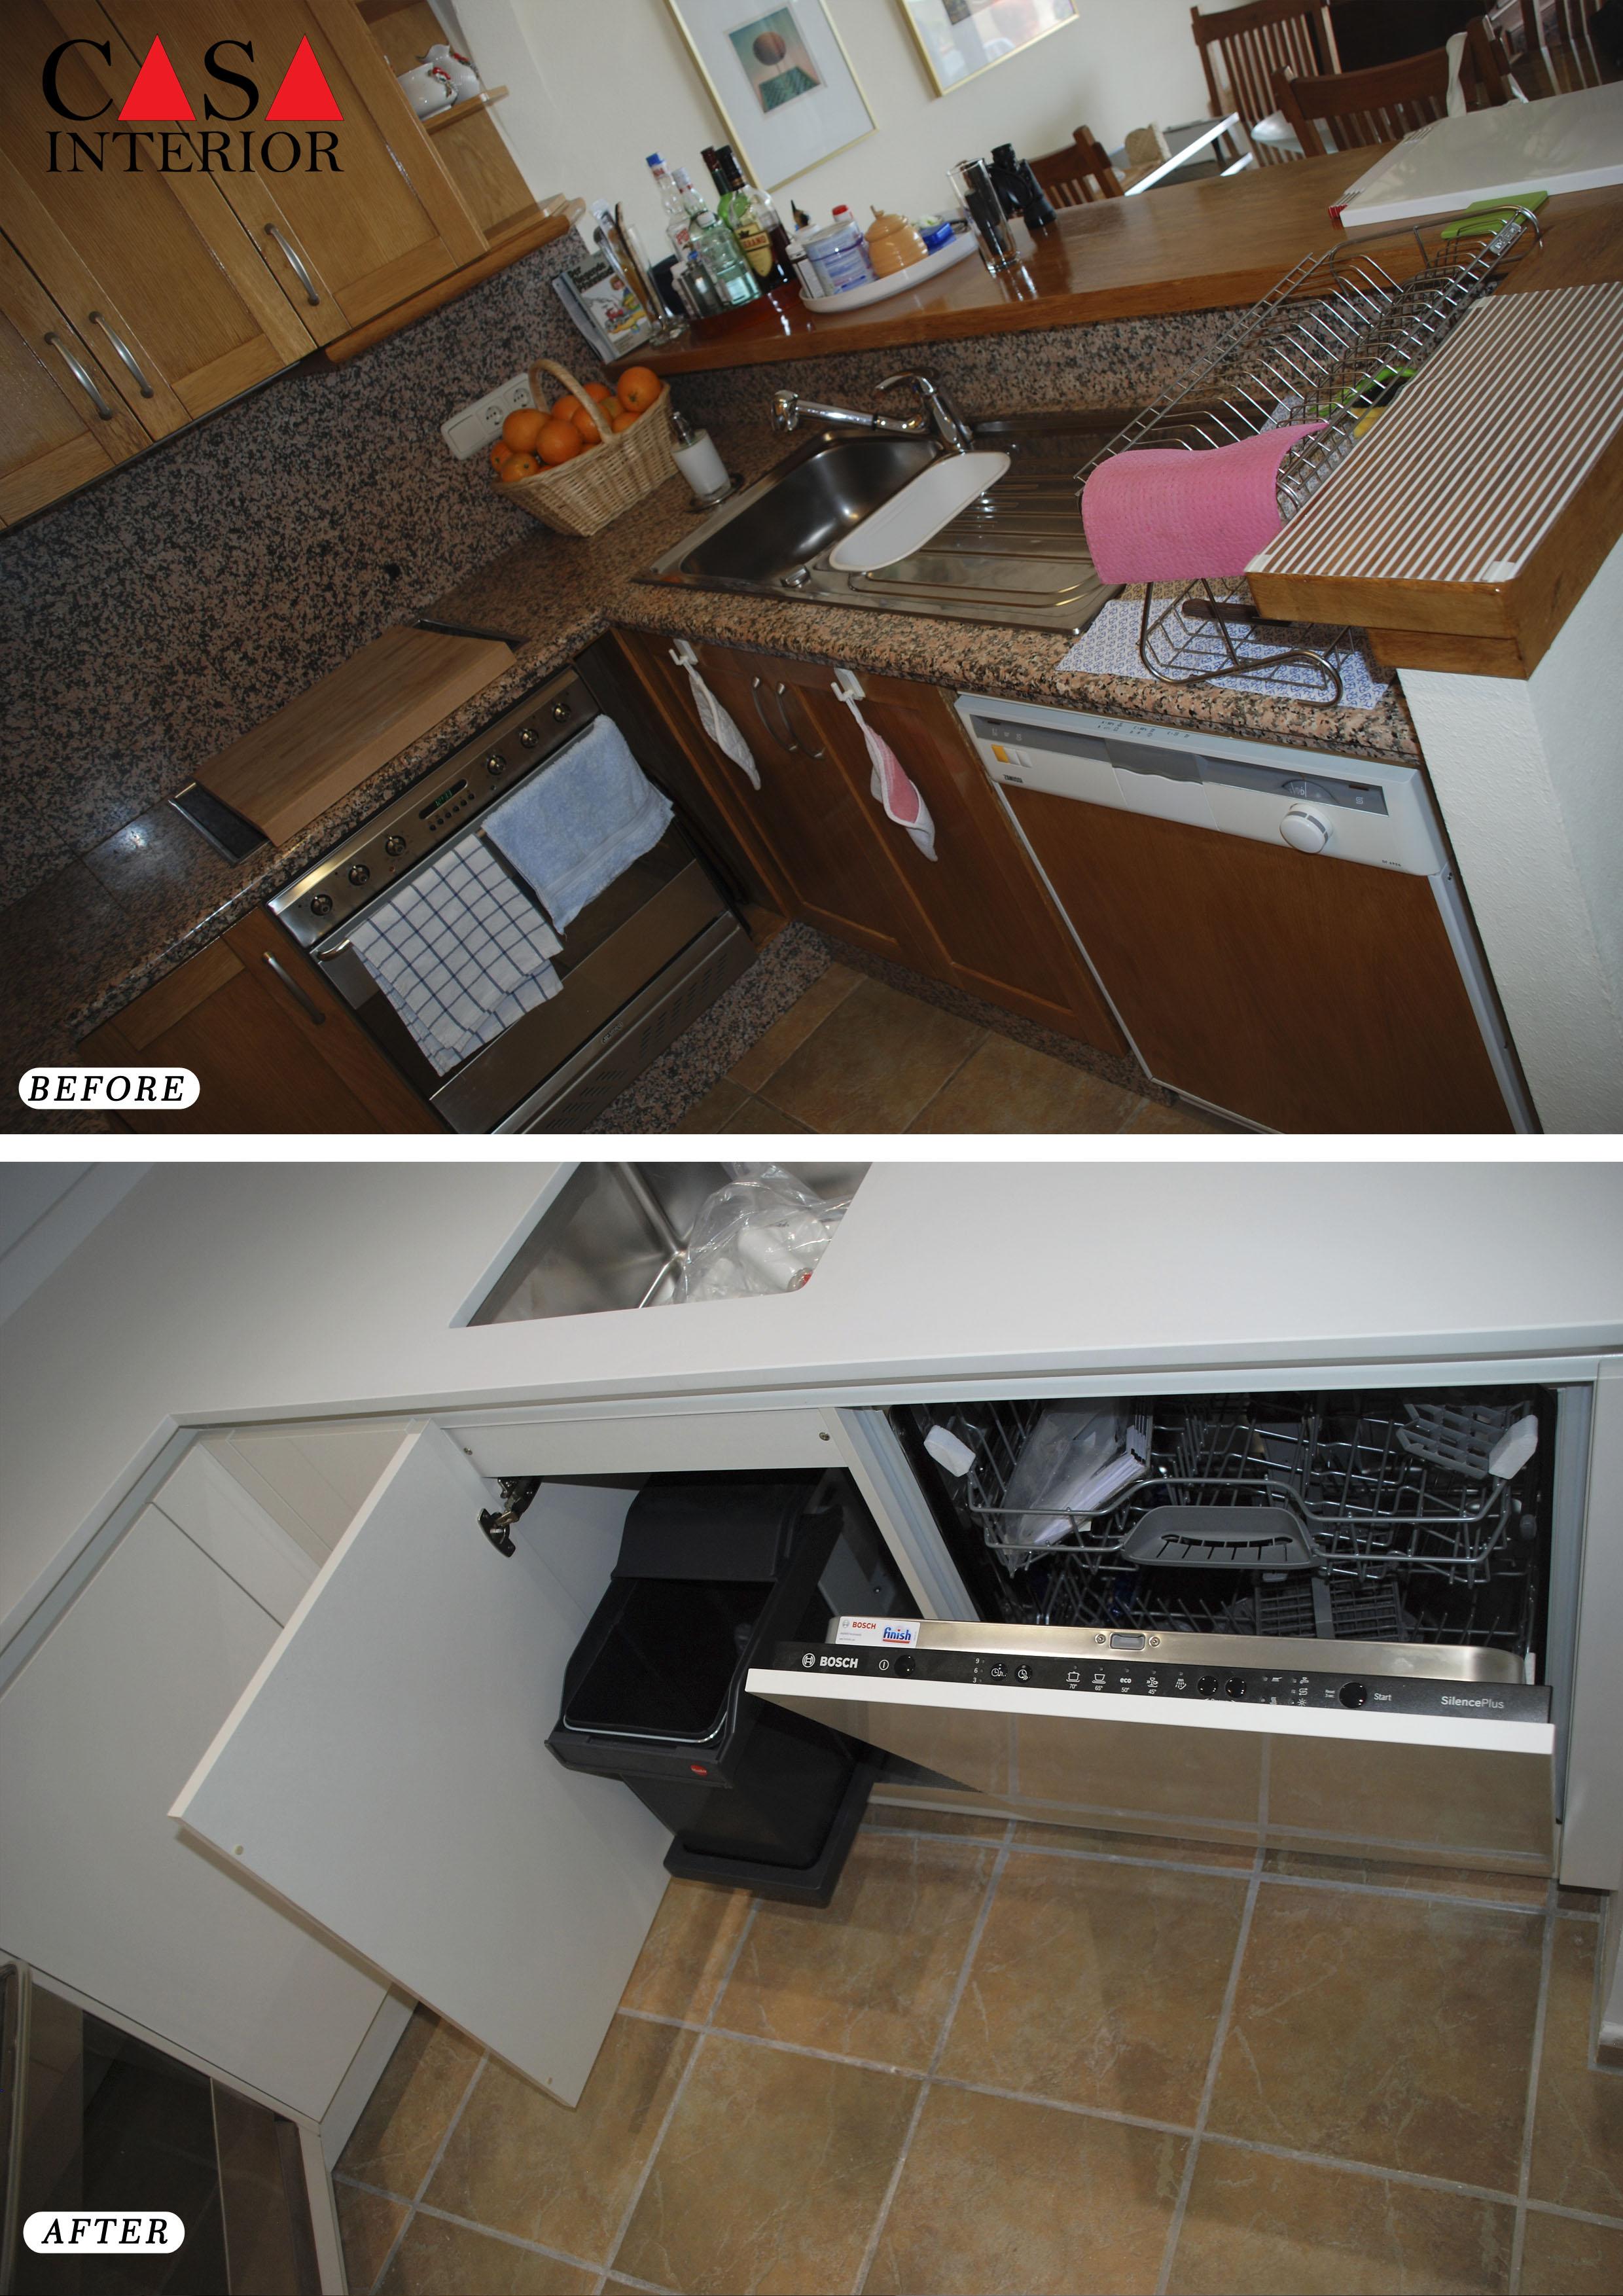 Casa Interior Küchentime Focus Line N